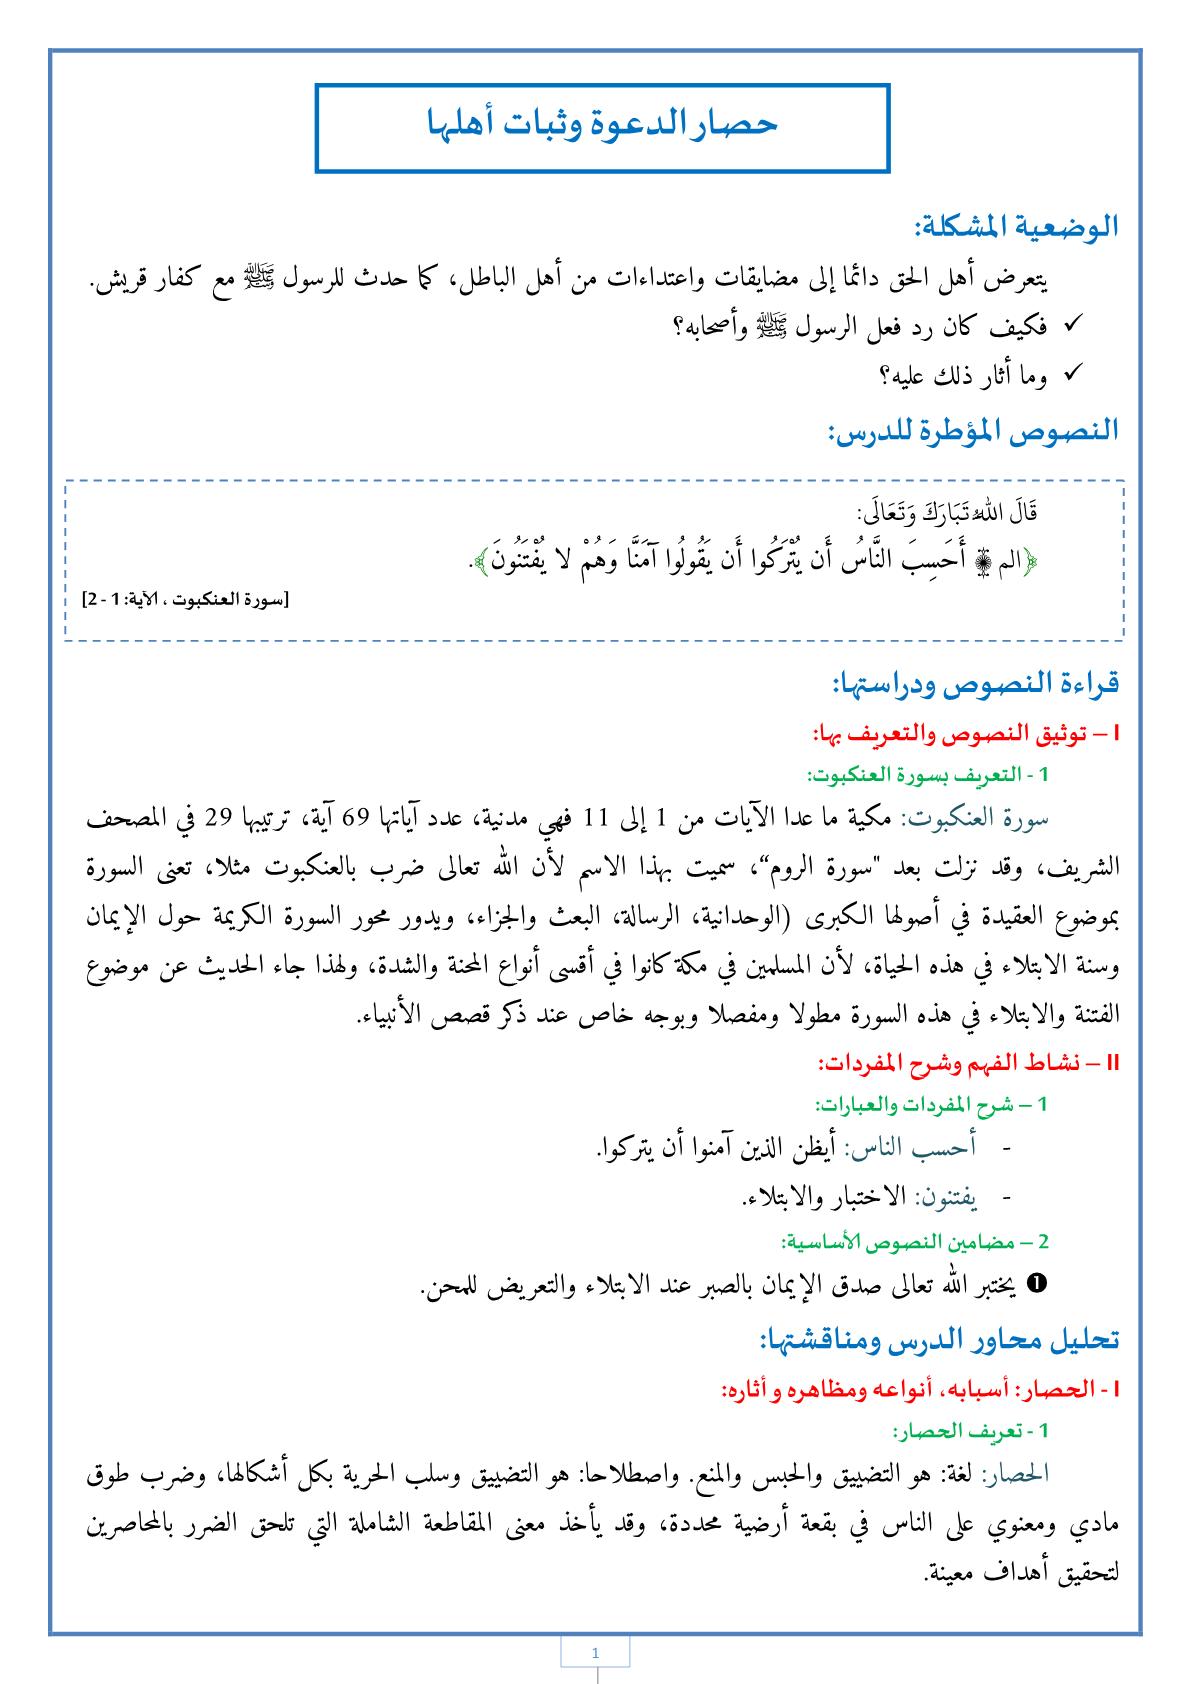 درس حصار الدعوة وثبات أهلها مادة التربية الإسلامية للسنة الثانية إعدادي